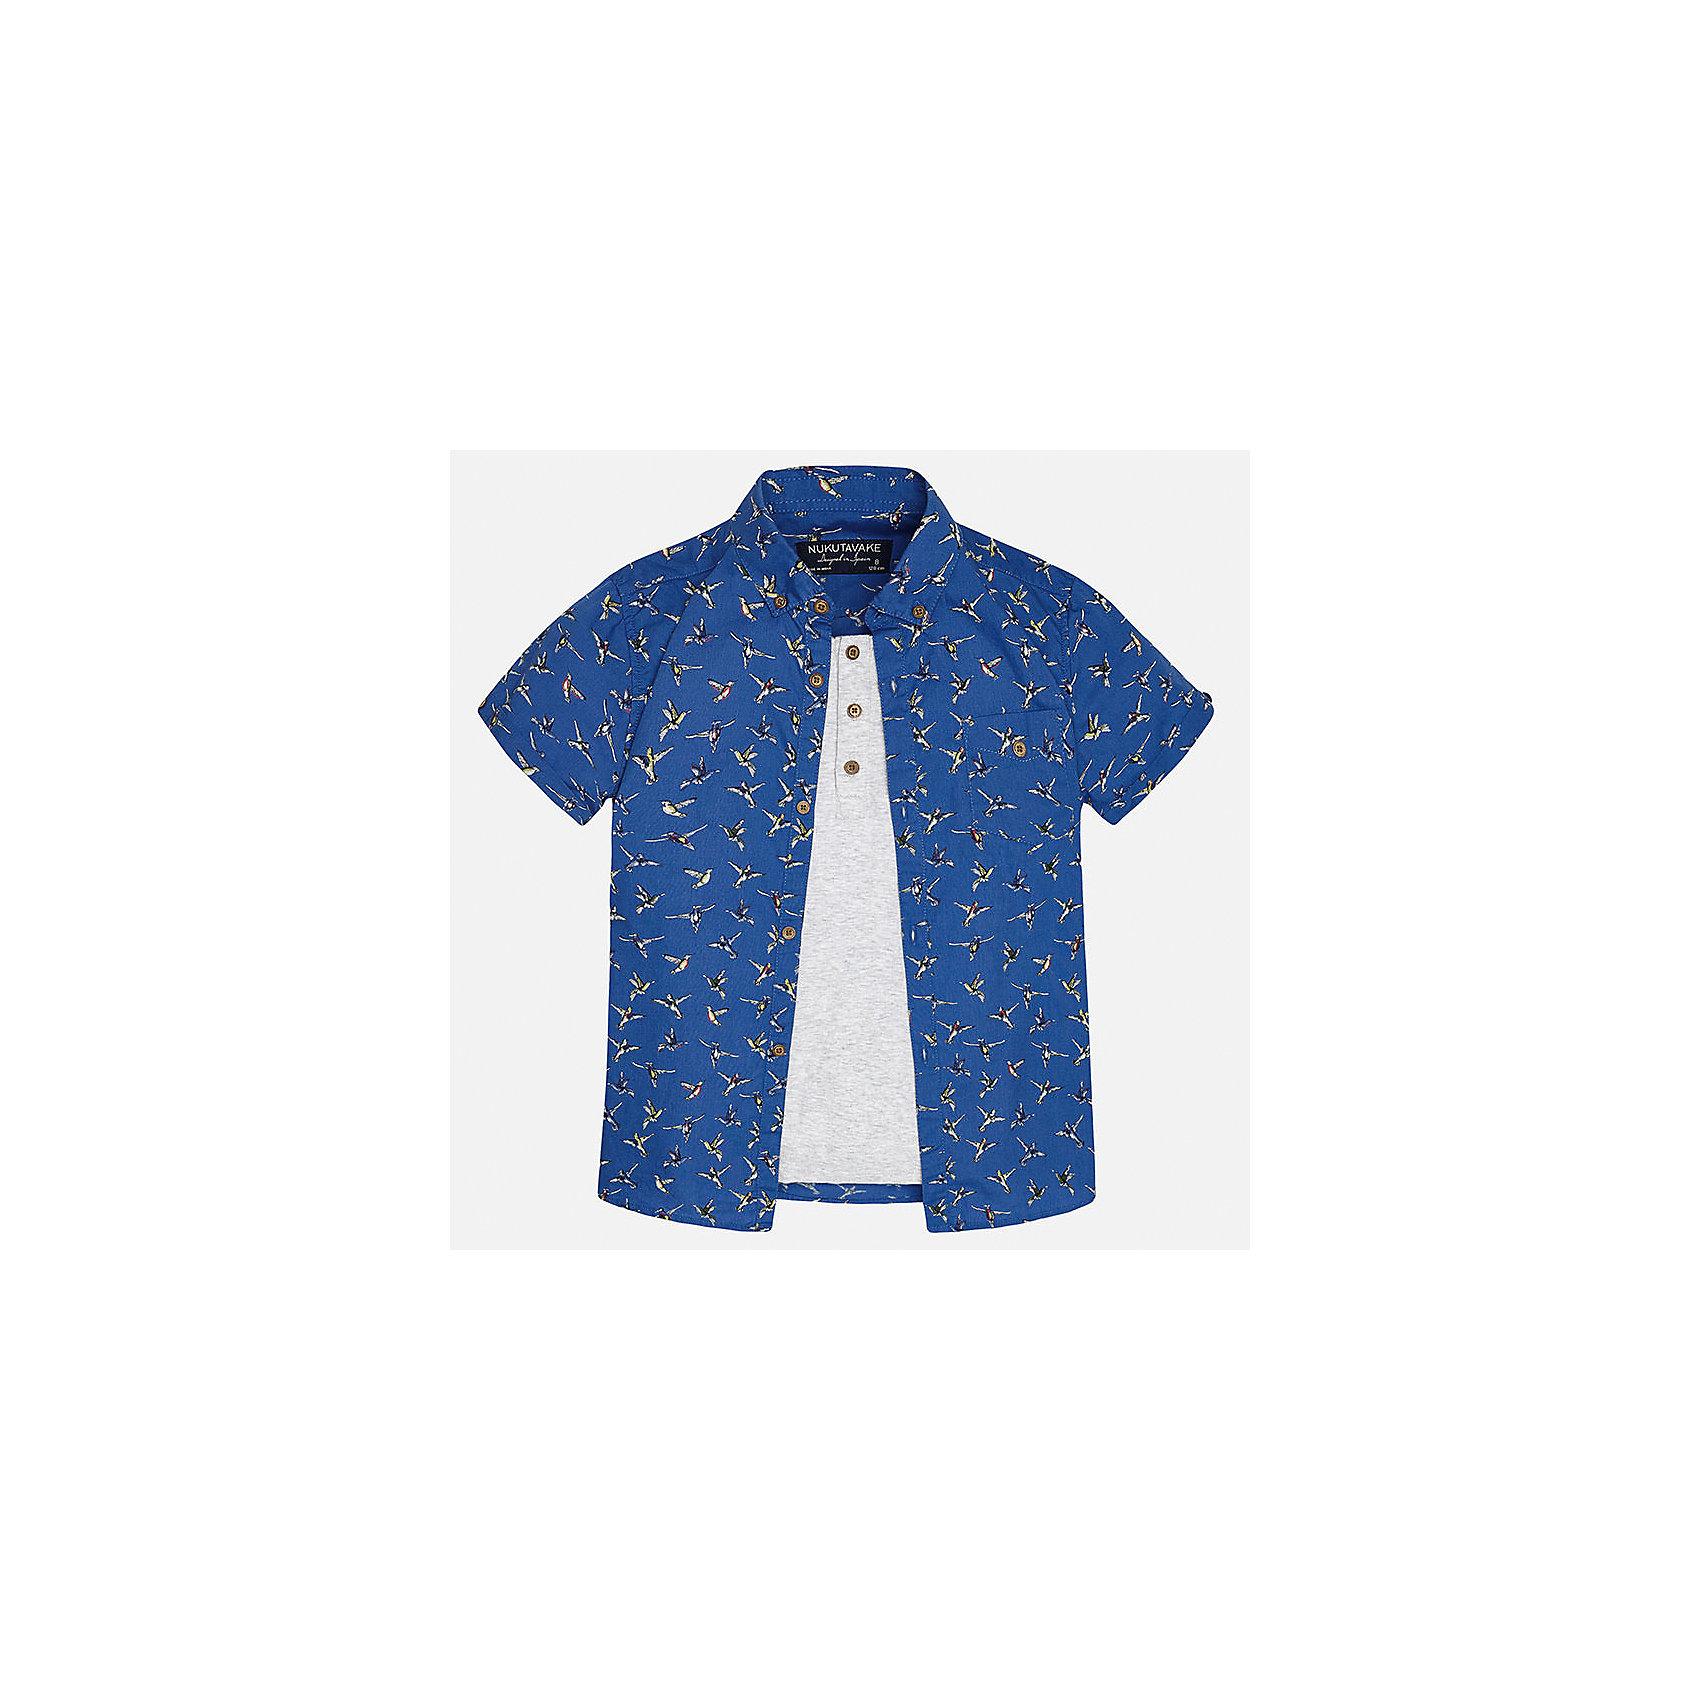 Рубашка для мальчика MayoralБлузки и рубашки<br>Характеристики товара:<br><br>• цвет: синий/серый<br>• состав: 100% хлопок<br>• отложной воротник<br>• декорирована карманом на груди<br>• короткие рукава<br>• застежки: пуговицы<br>• страна бренда: Испания<br><br>Модная рубашка поможет разнообразить гардероб мальчика. Она отлично сочетается с брюками, шортами, джинсами. Универсальный крой и цвет позволяет подобрать к вещи низ разных расцветок. Практичное и стильное изделие! Хорошо смотрится и комфортно сидит на детях. В составе материала - только натуральный хлопок, гипоаллергенный, приятный на ощупь, дышащий. <br><br>Одежда, обувь и аксессуары от испанского бренда Mayoral полюбились детям и взрослым по всему миру. Модели этой марки - стильные и удобные. Для их производства используются только безопасные, качественные материалы и фурнитура. Порадуйте ребенка модными и красивыми вещами от Mayoral! <br><br>Рубашку для мальчика от испанского бренда Mayoral (Майорал) можно купить в нашем интернет-магазине.<br><br>Ширина мм: 174<br>Глубина мм: 10<br>Высота мм: 169<br>Вес г: 157<br>Цвет: серый<br>Возраст от месяцев: 120<br>Возраст до месяцев: 132<br>Пол: Мужской<br>Возраст: Детский<br>Размер: 152,164,158,140,170,128/134<br>SKU: 5281631